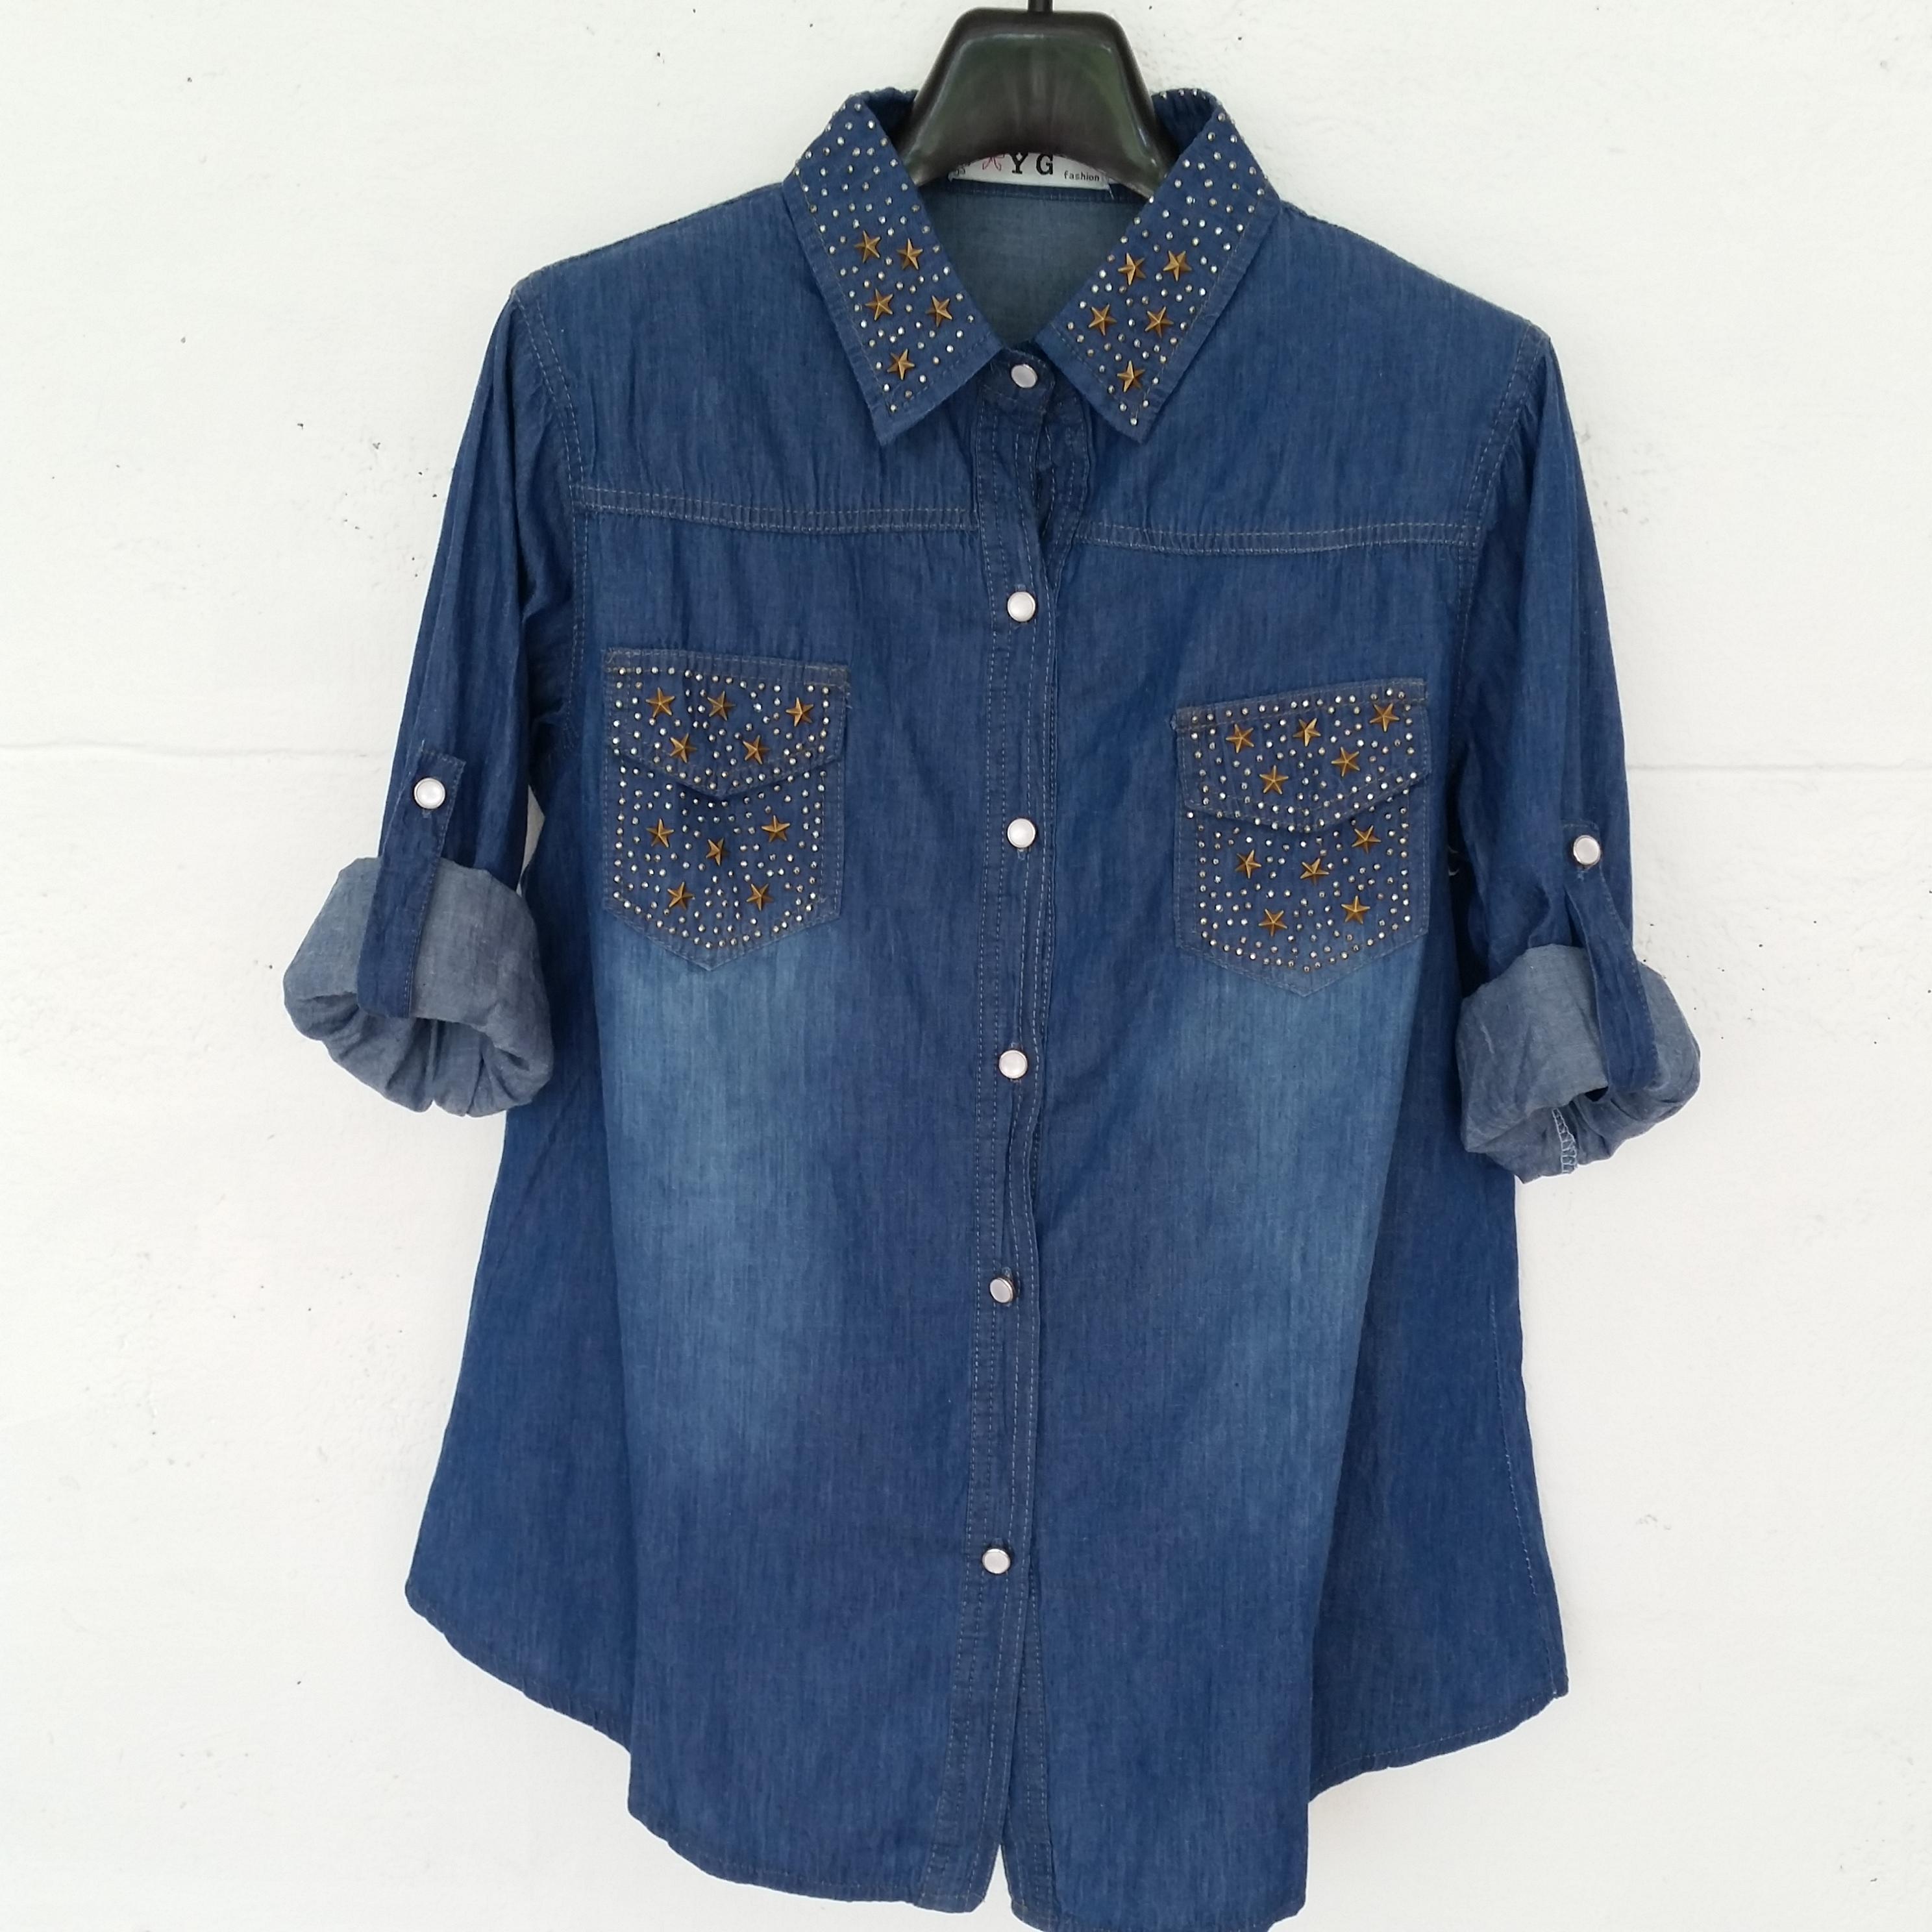 เสื้อยีนส์เชิ้ตแฟชั่น#L